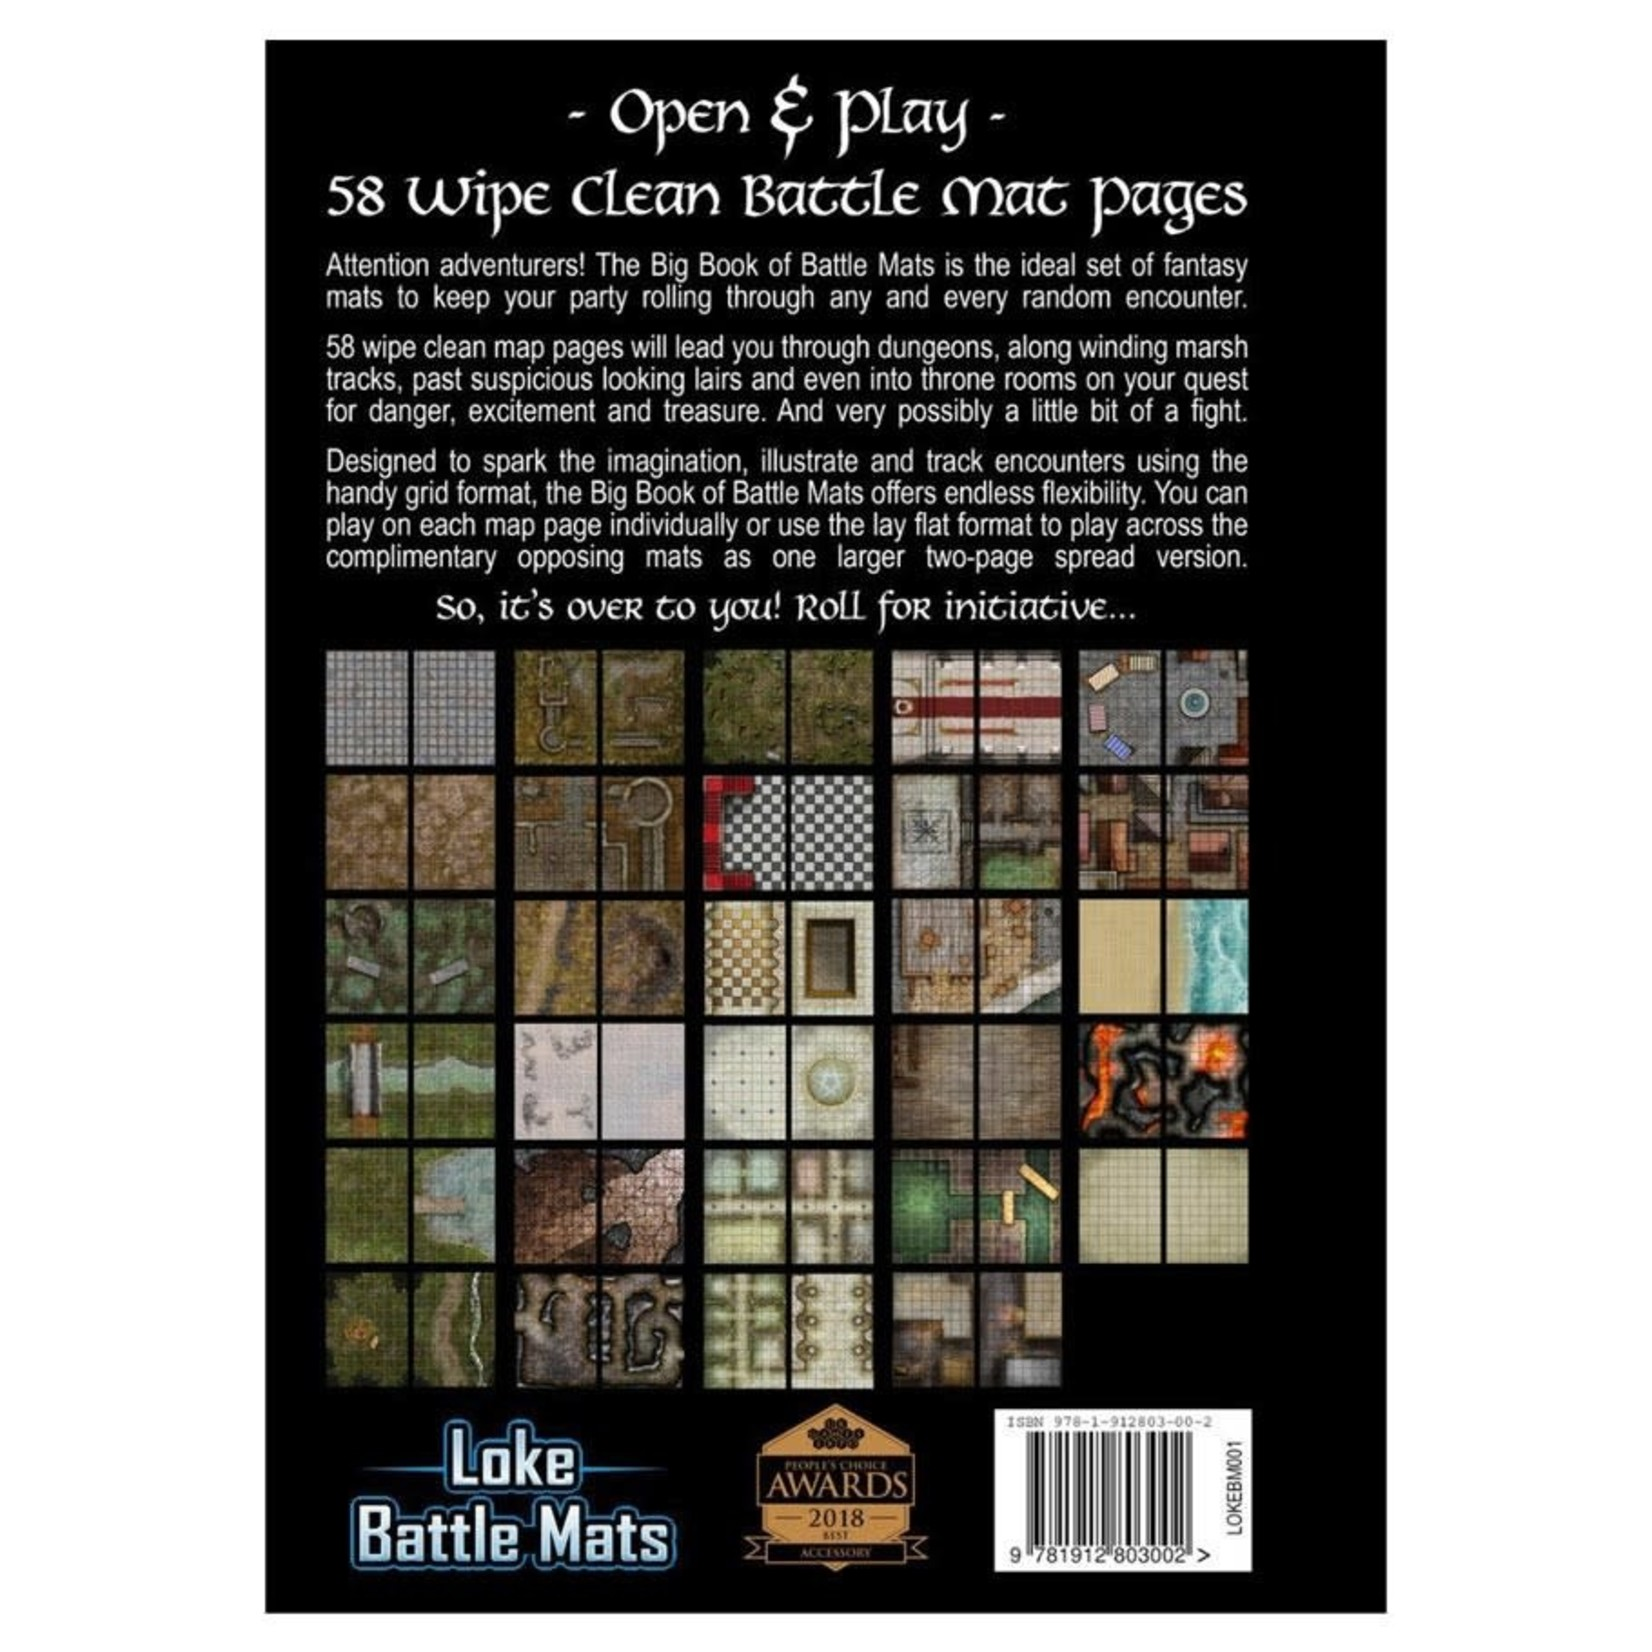 Loke Battlemats Big Book of Battle Mats